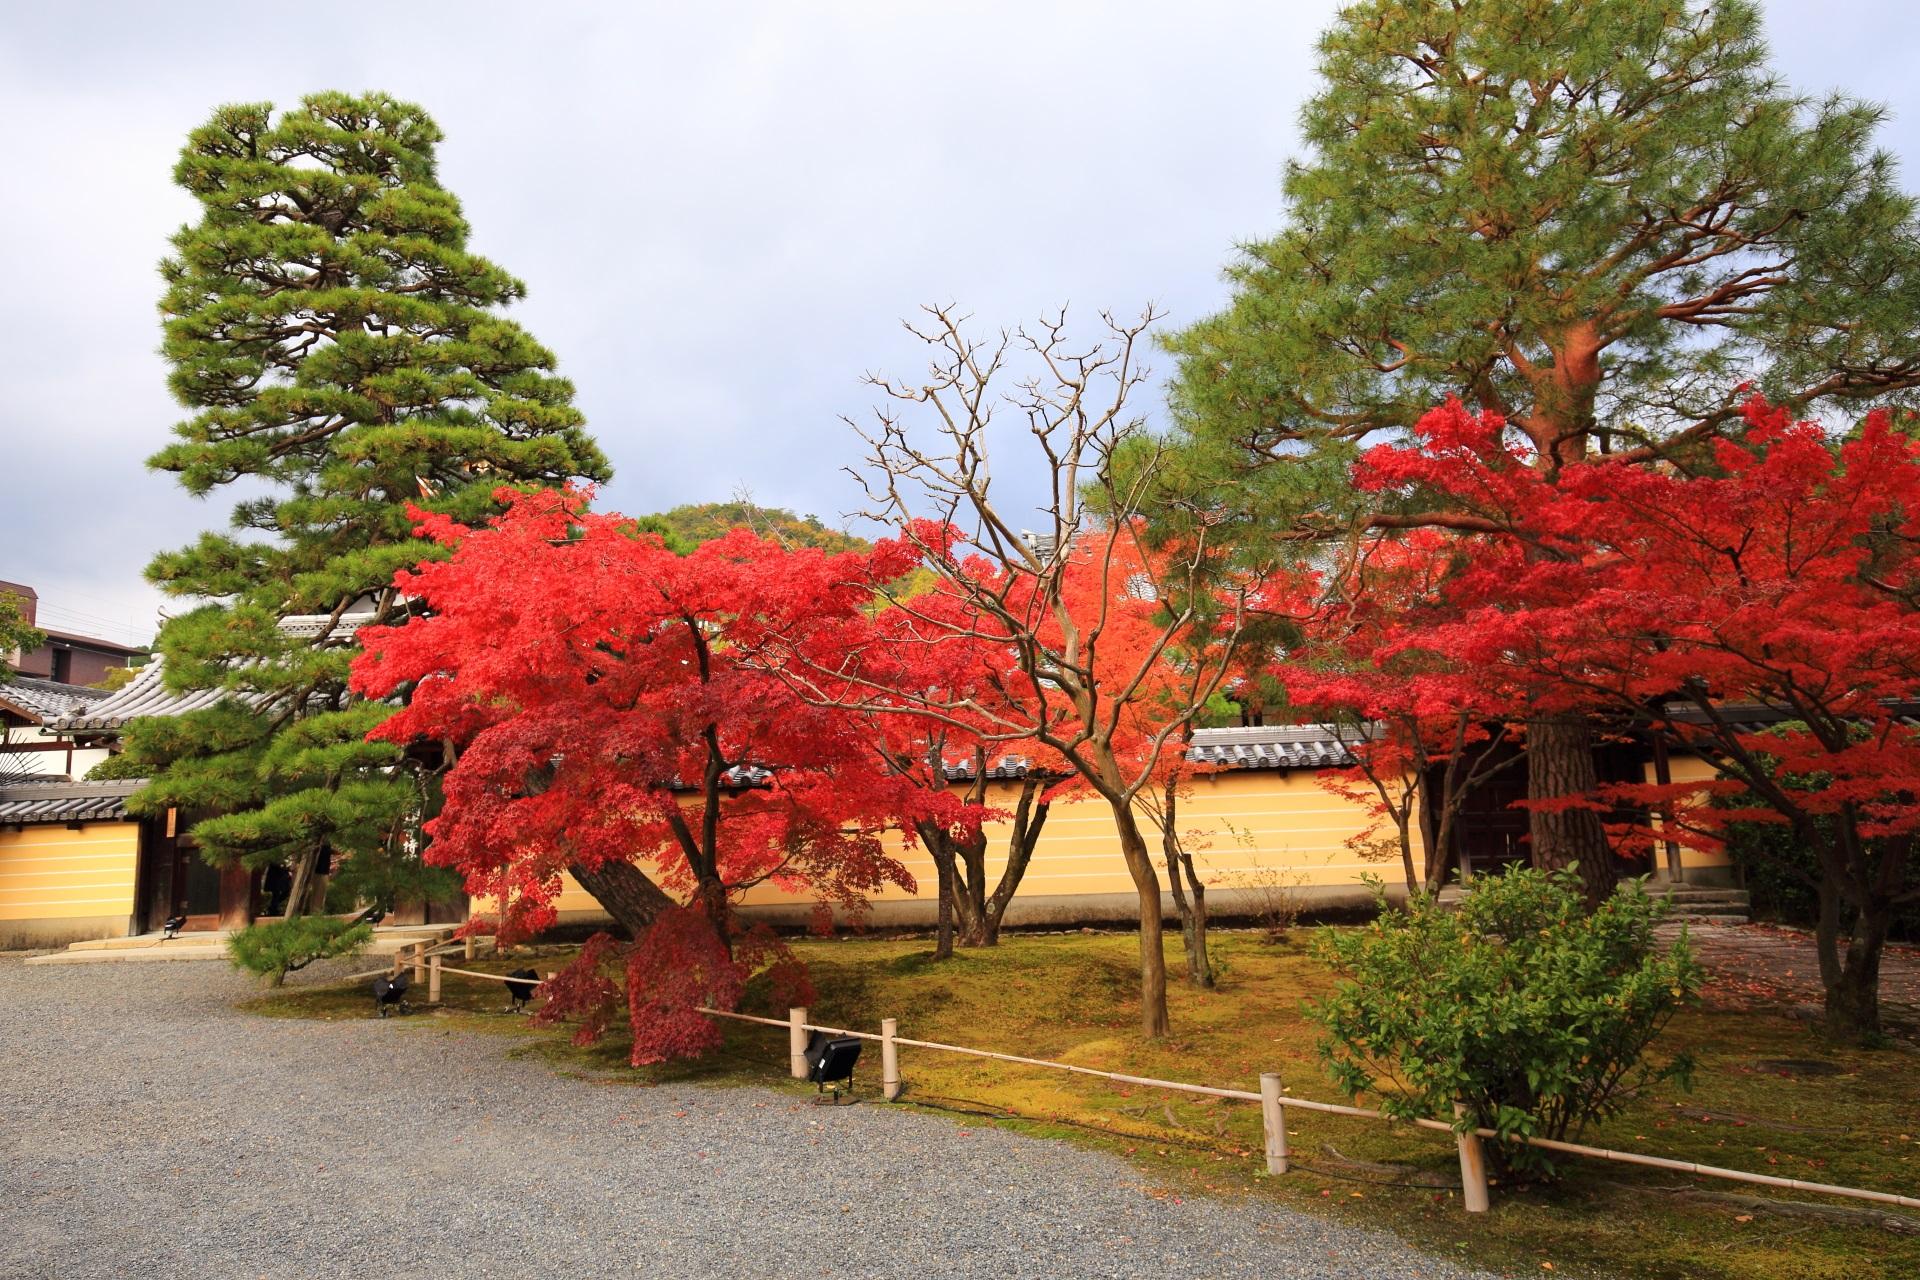 等持院の表門前の真っ赤な紅葉